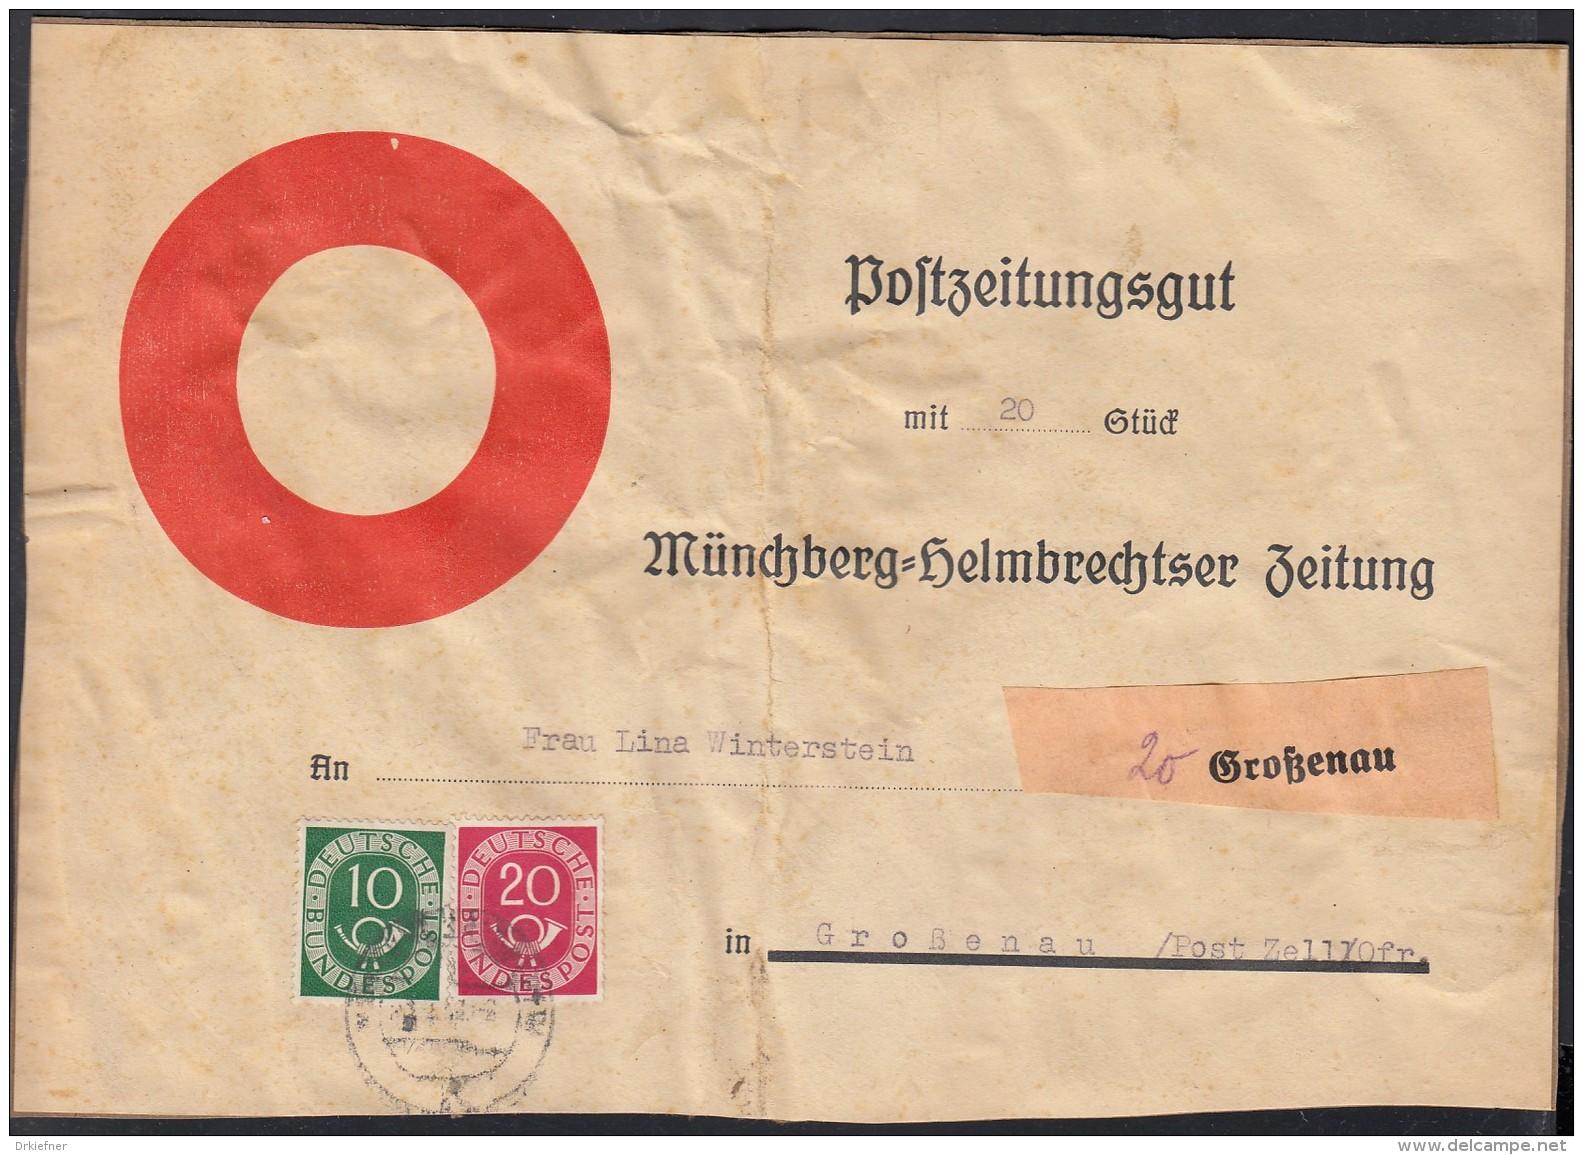 """BRD 128, 130 MiF Auf Vordruck-Aufkleber """"POSTZEITUNGSGUT"""" Großenau Ortszustellung 1952 Auf Paketstück - BRD"""